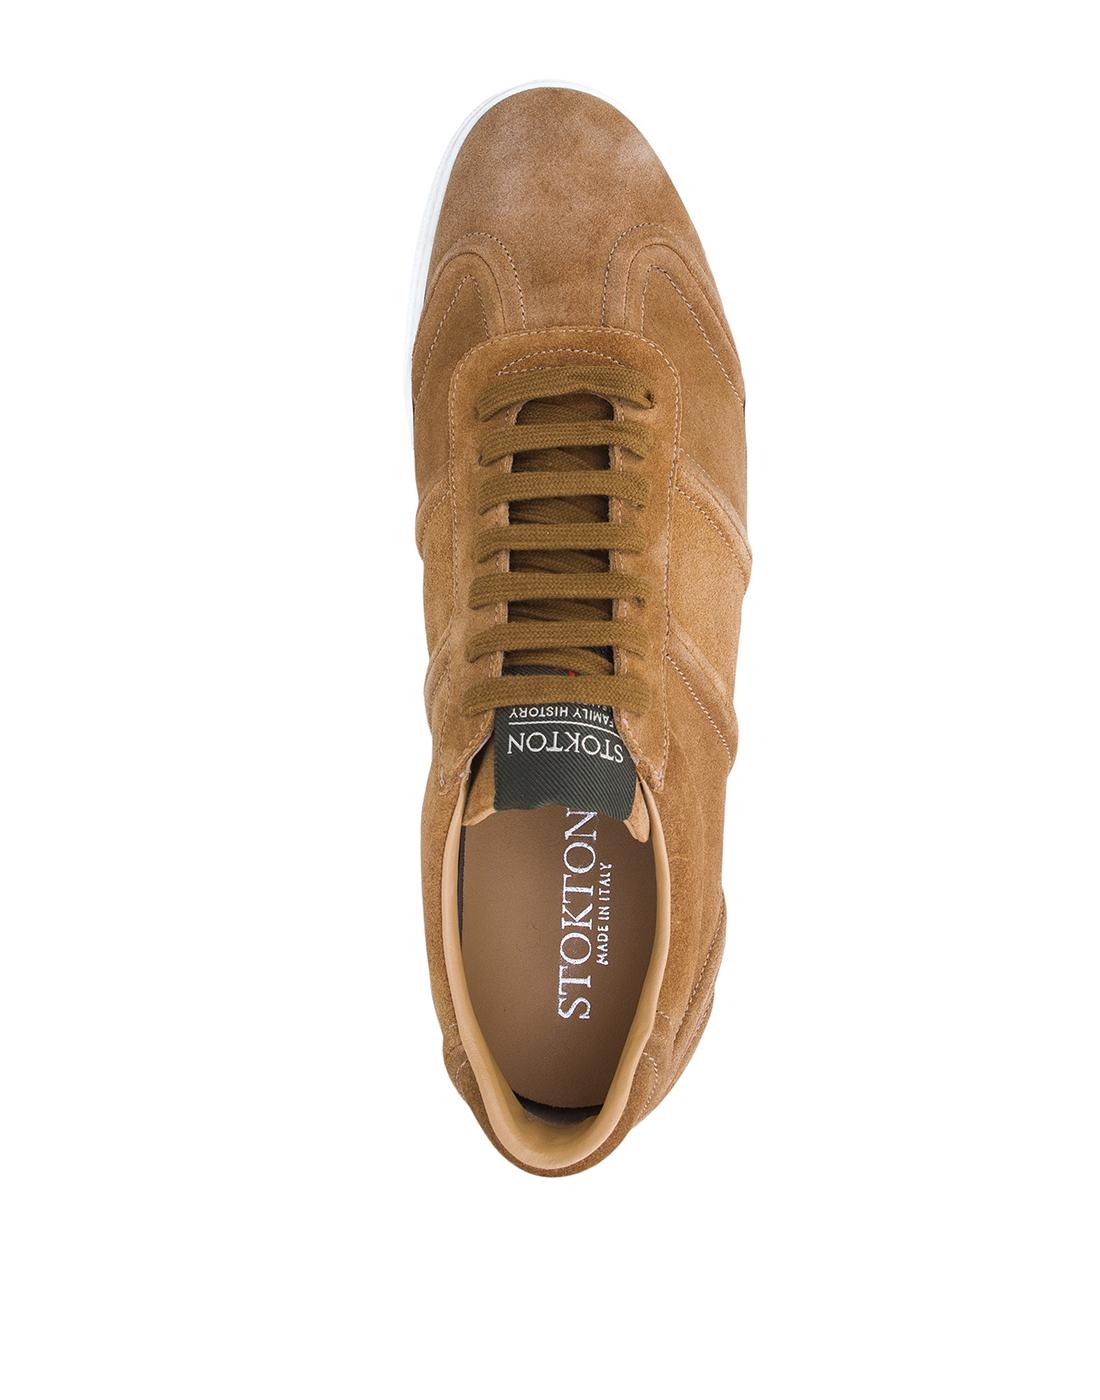 Кроссовки коричневые мужские Stokton S532-5